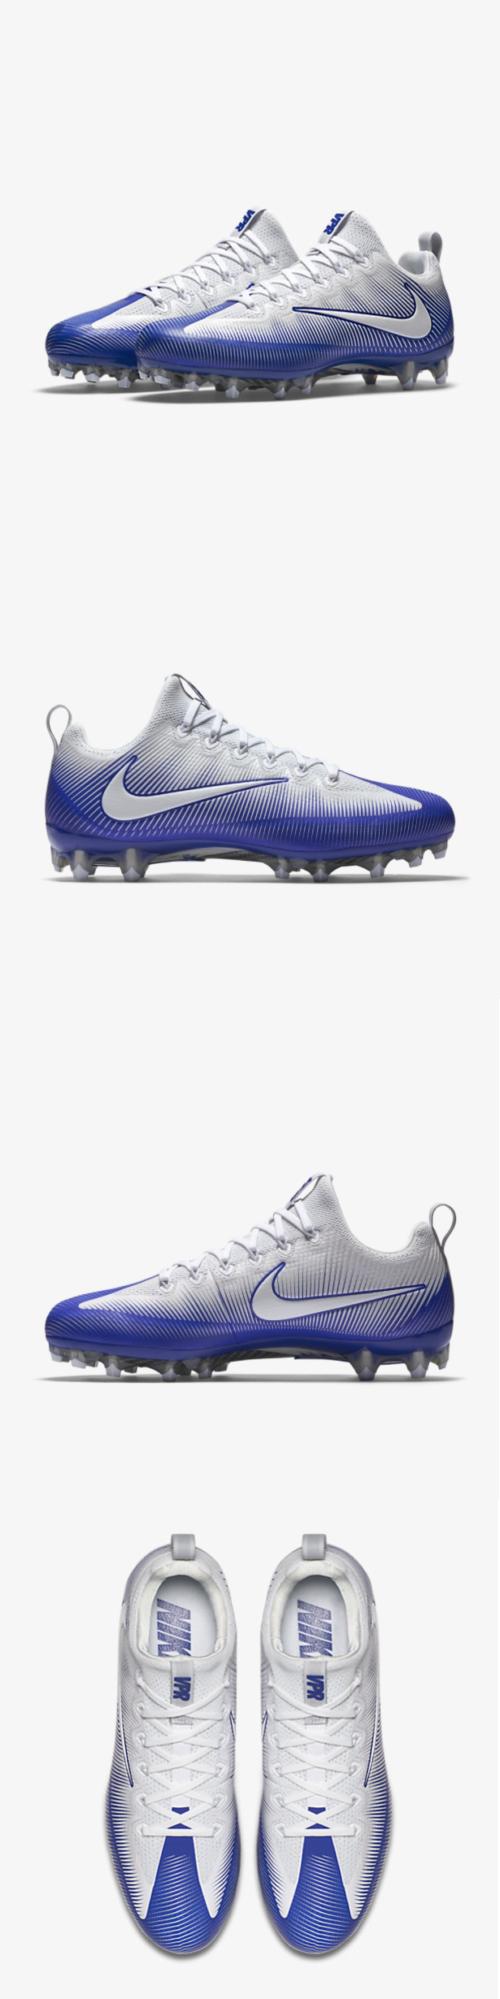 big sale 93891 9da36 Men 159116  Nike Vapor Untouchable Pro Pf Football Cleats White Blue  839924-409 Sz